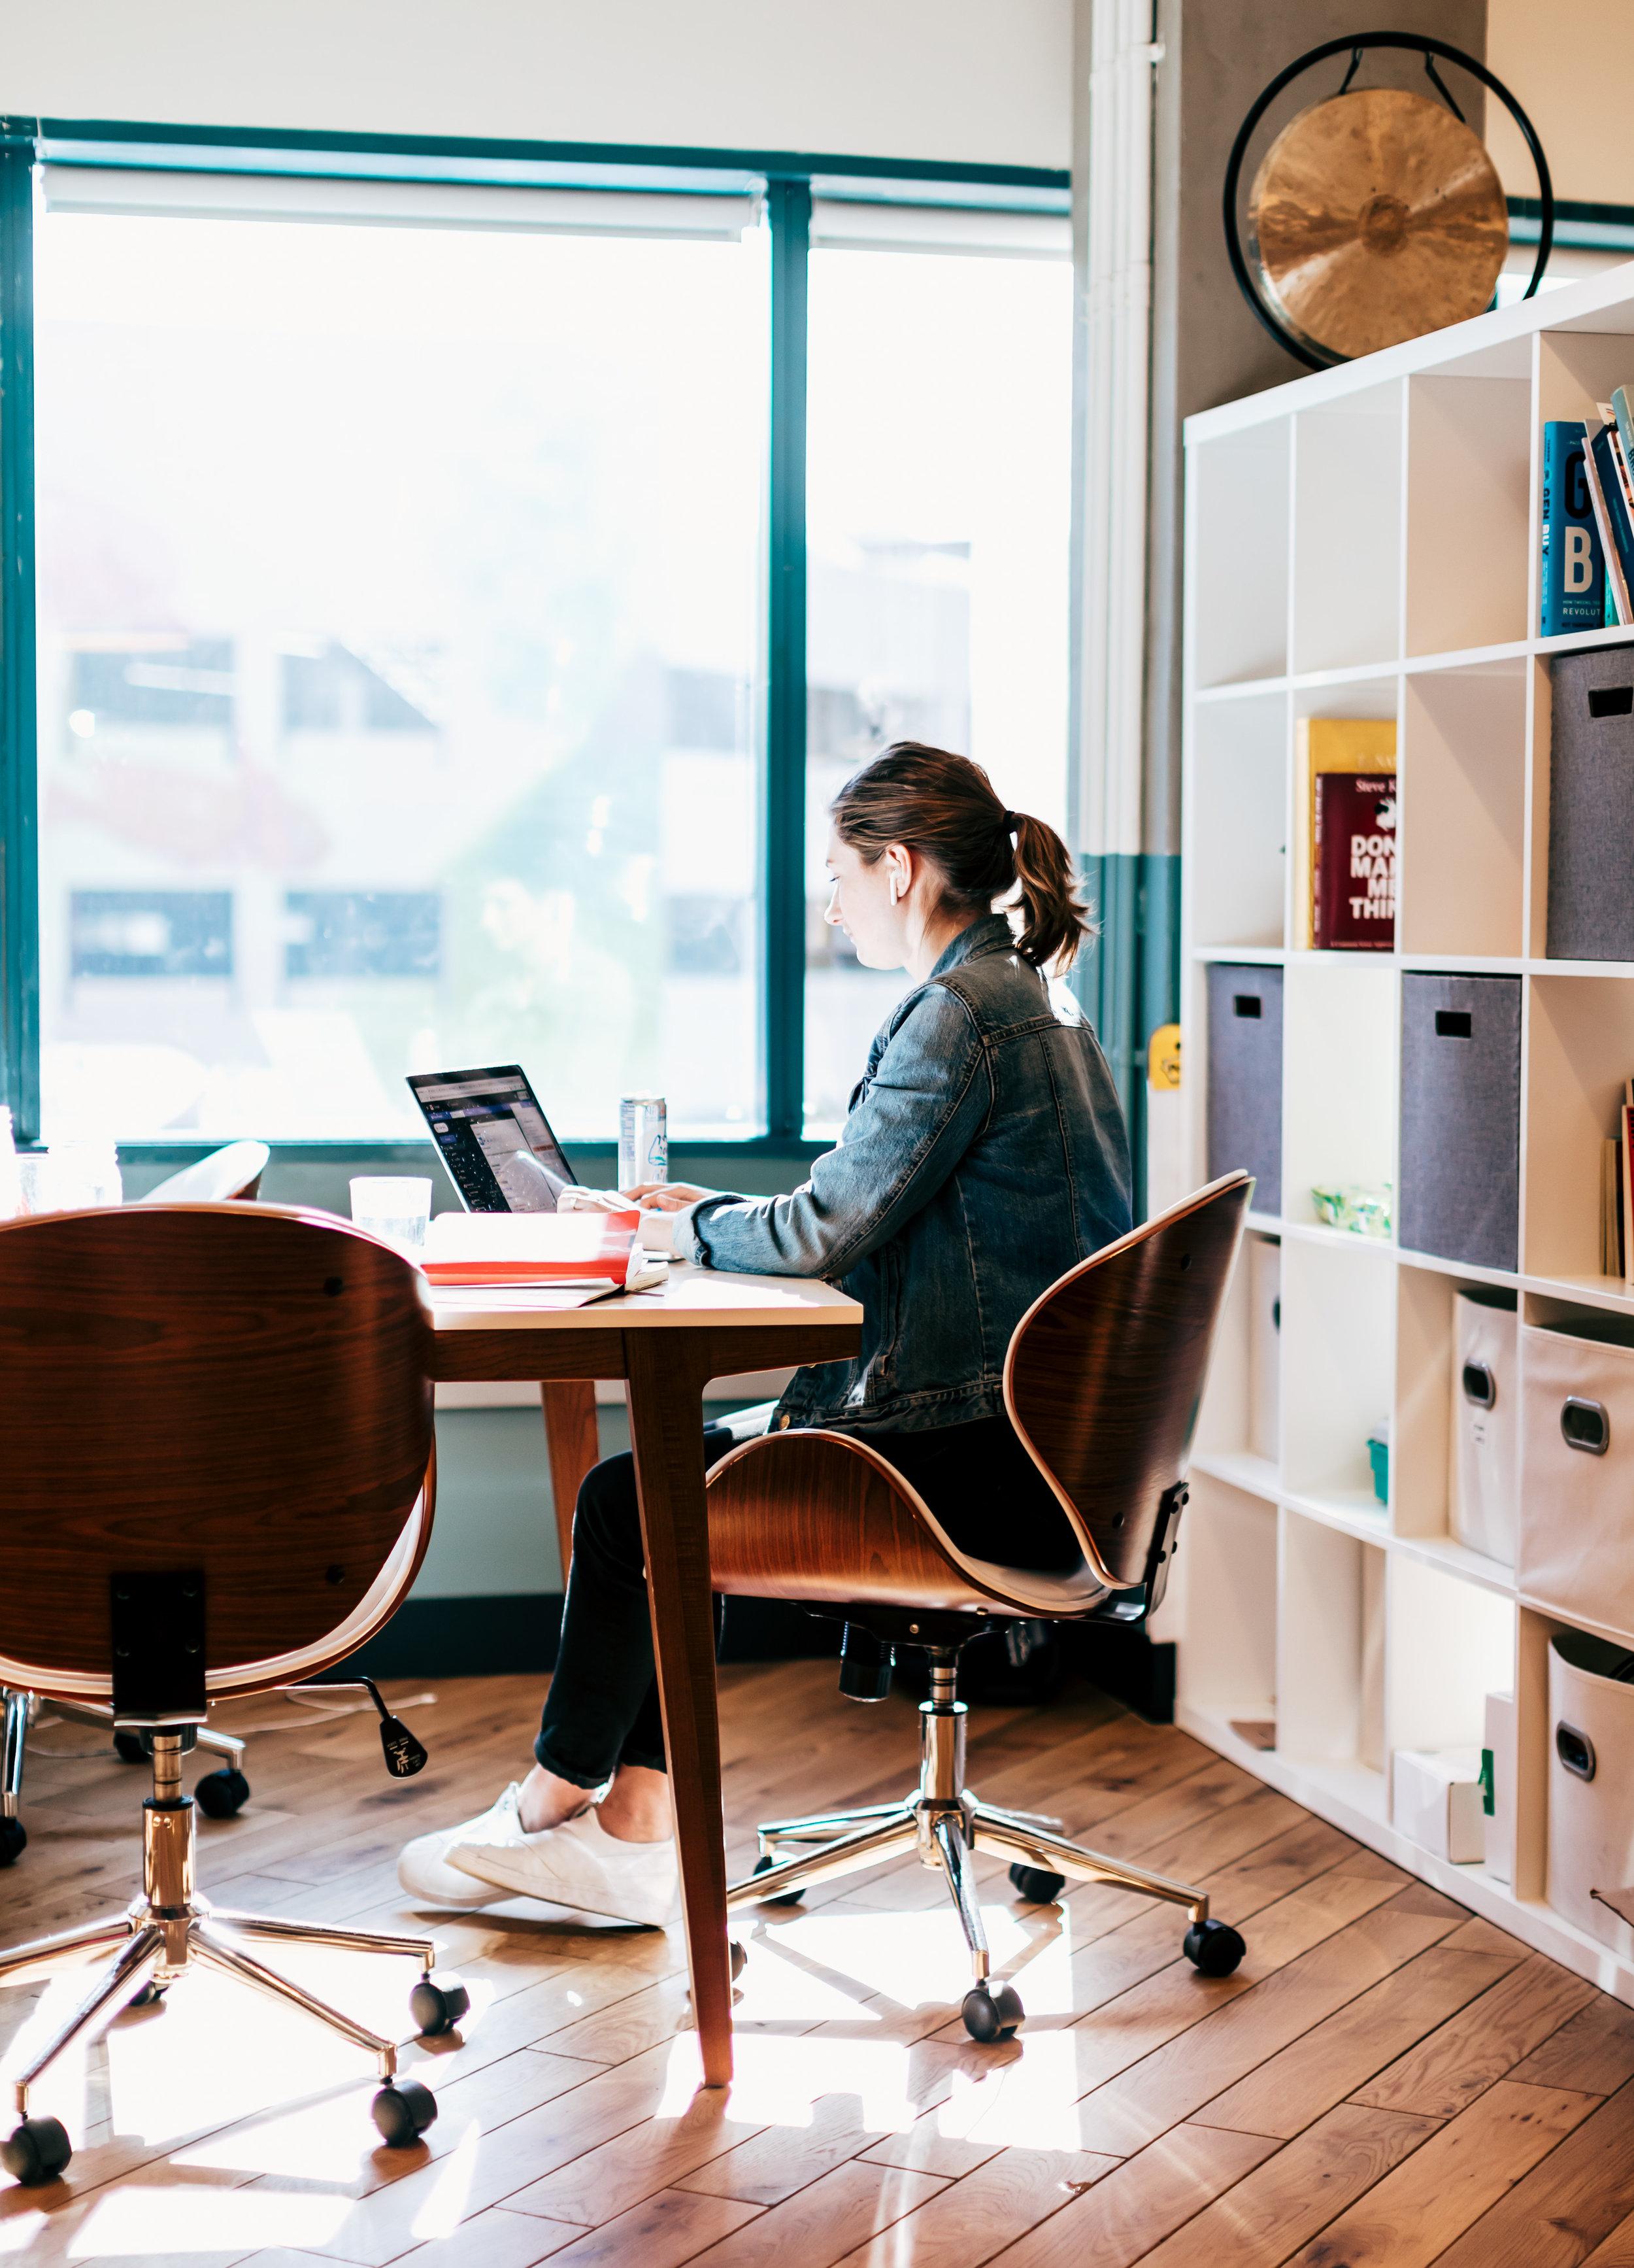 2019-OfficeCulture-003.jpg